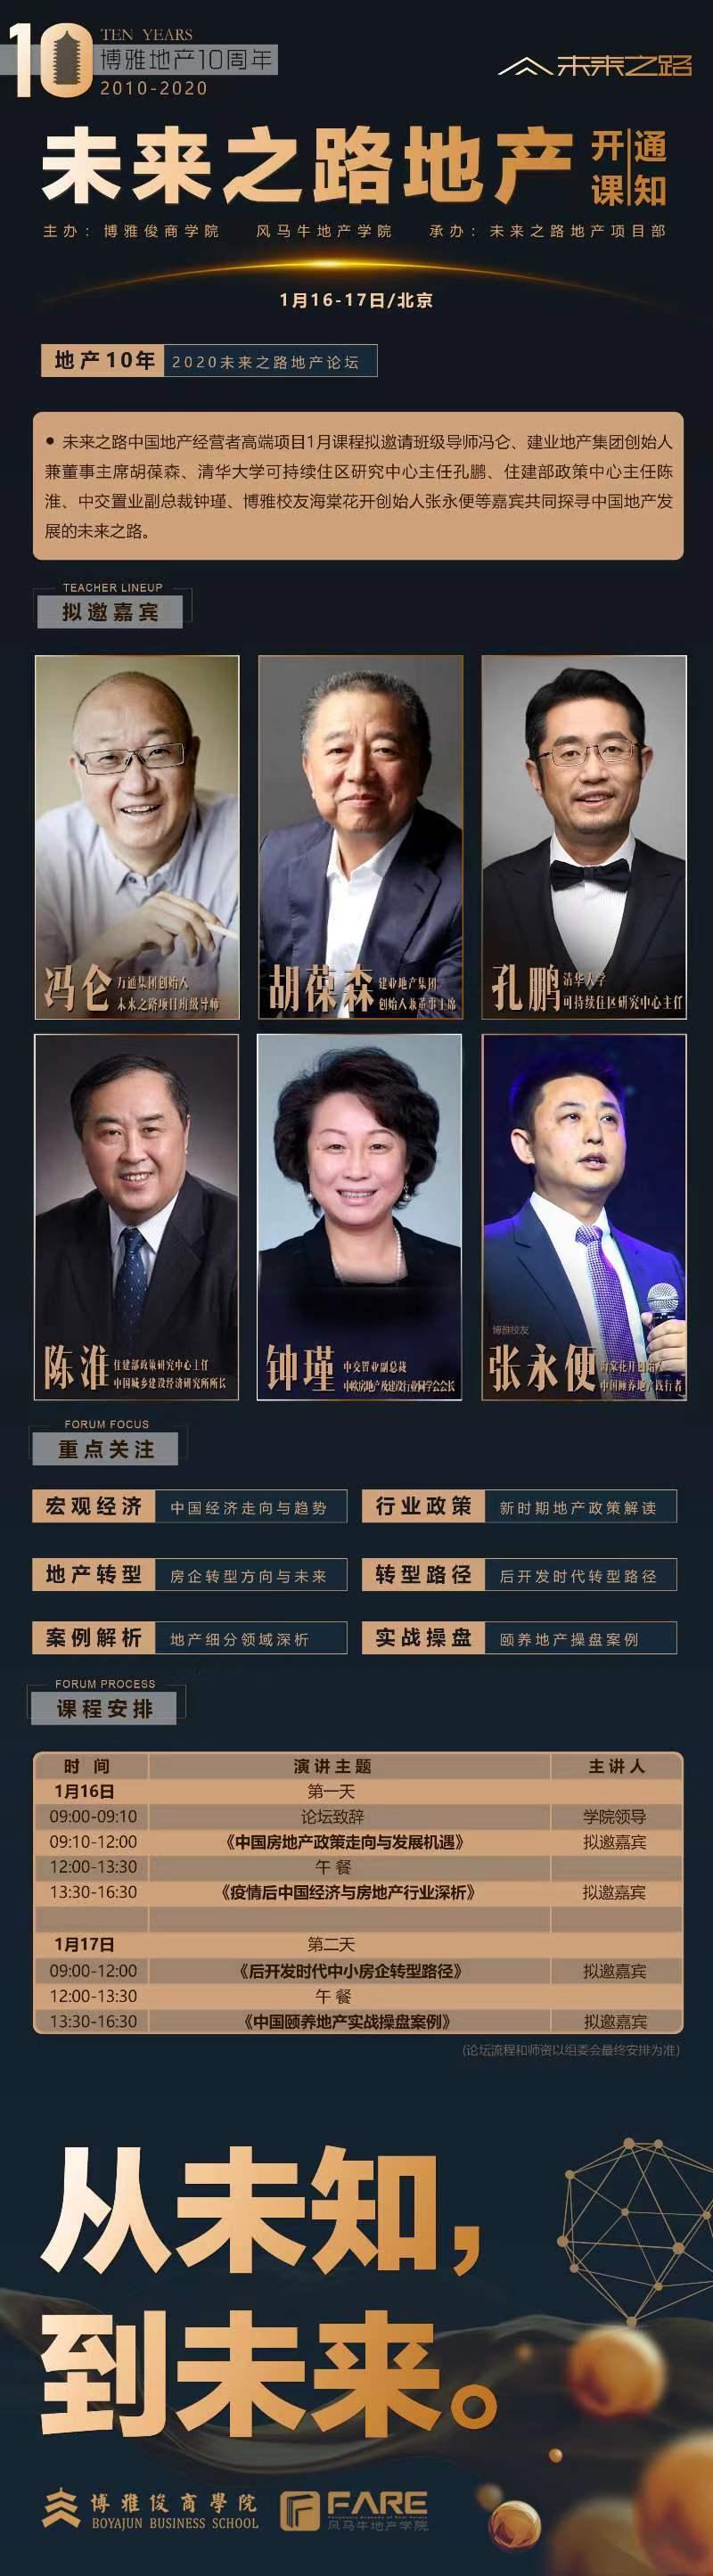 冯仑大咖分享:未来之路-中国地产经营者国际课堂2021第三期招生启动